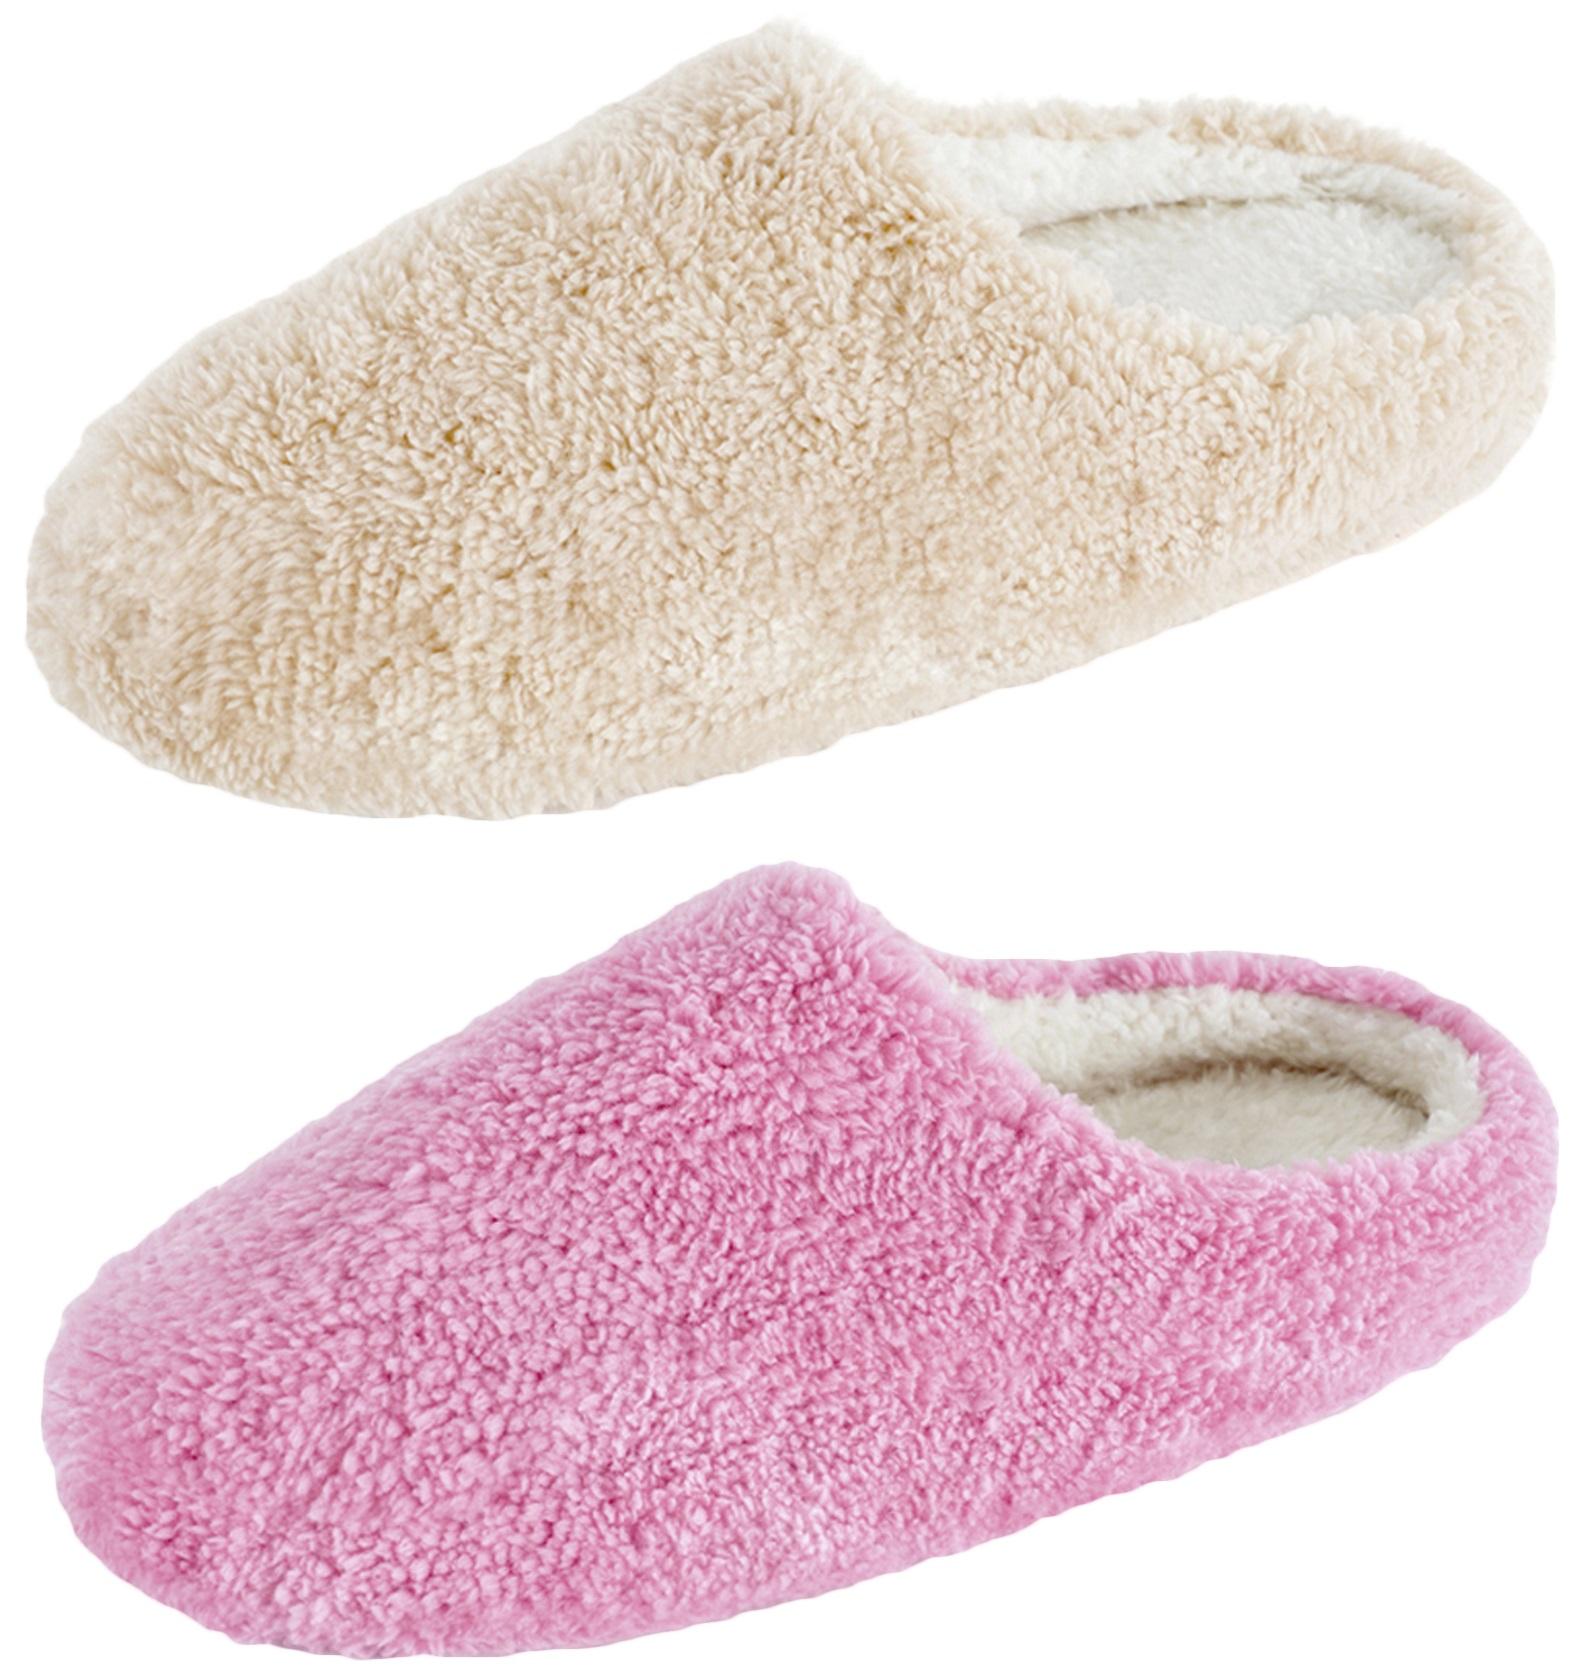 Luxury Womens Memory Foam Slippers